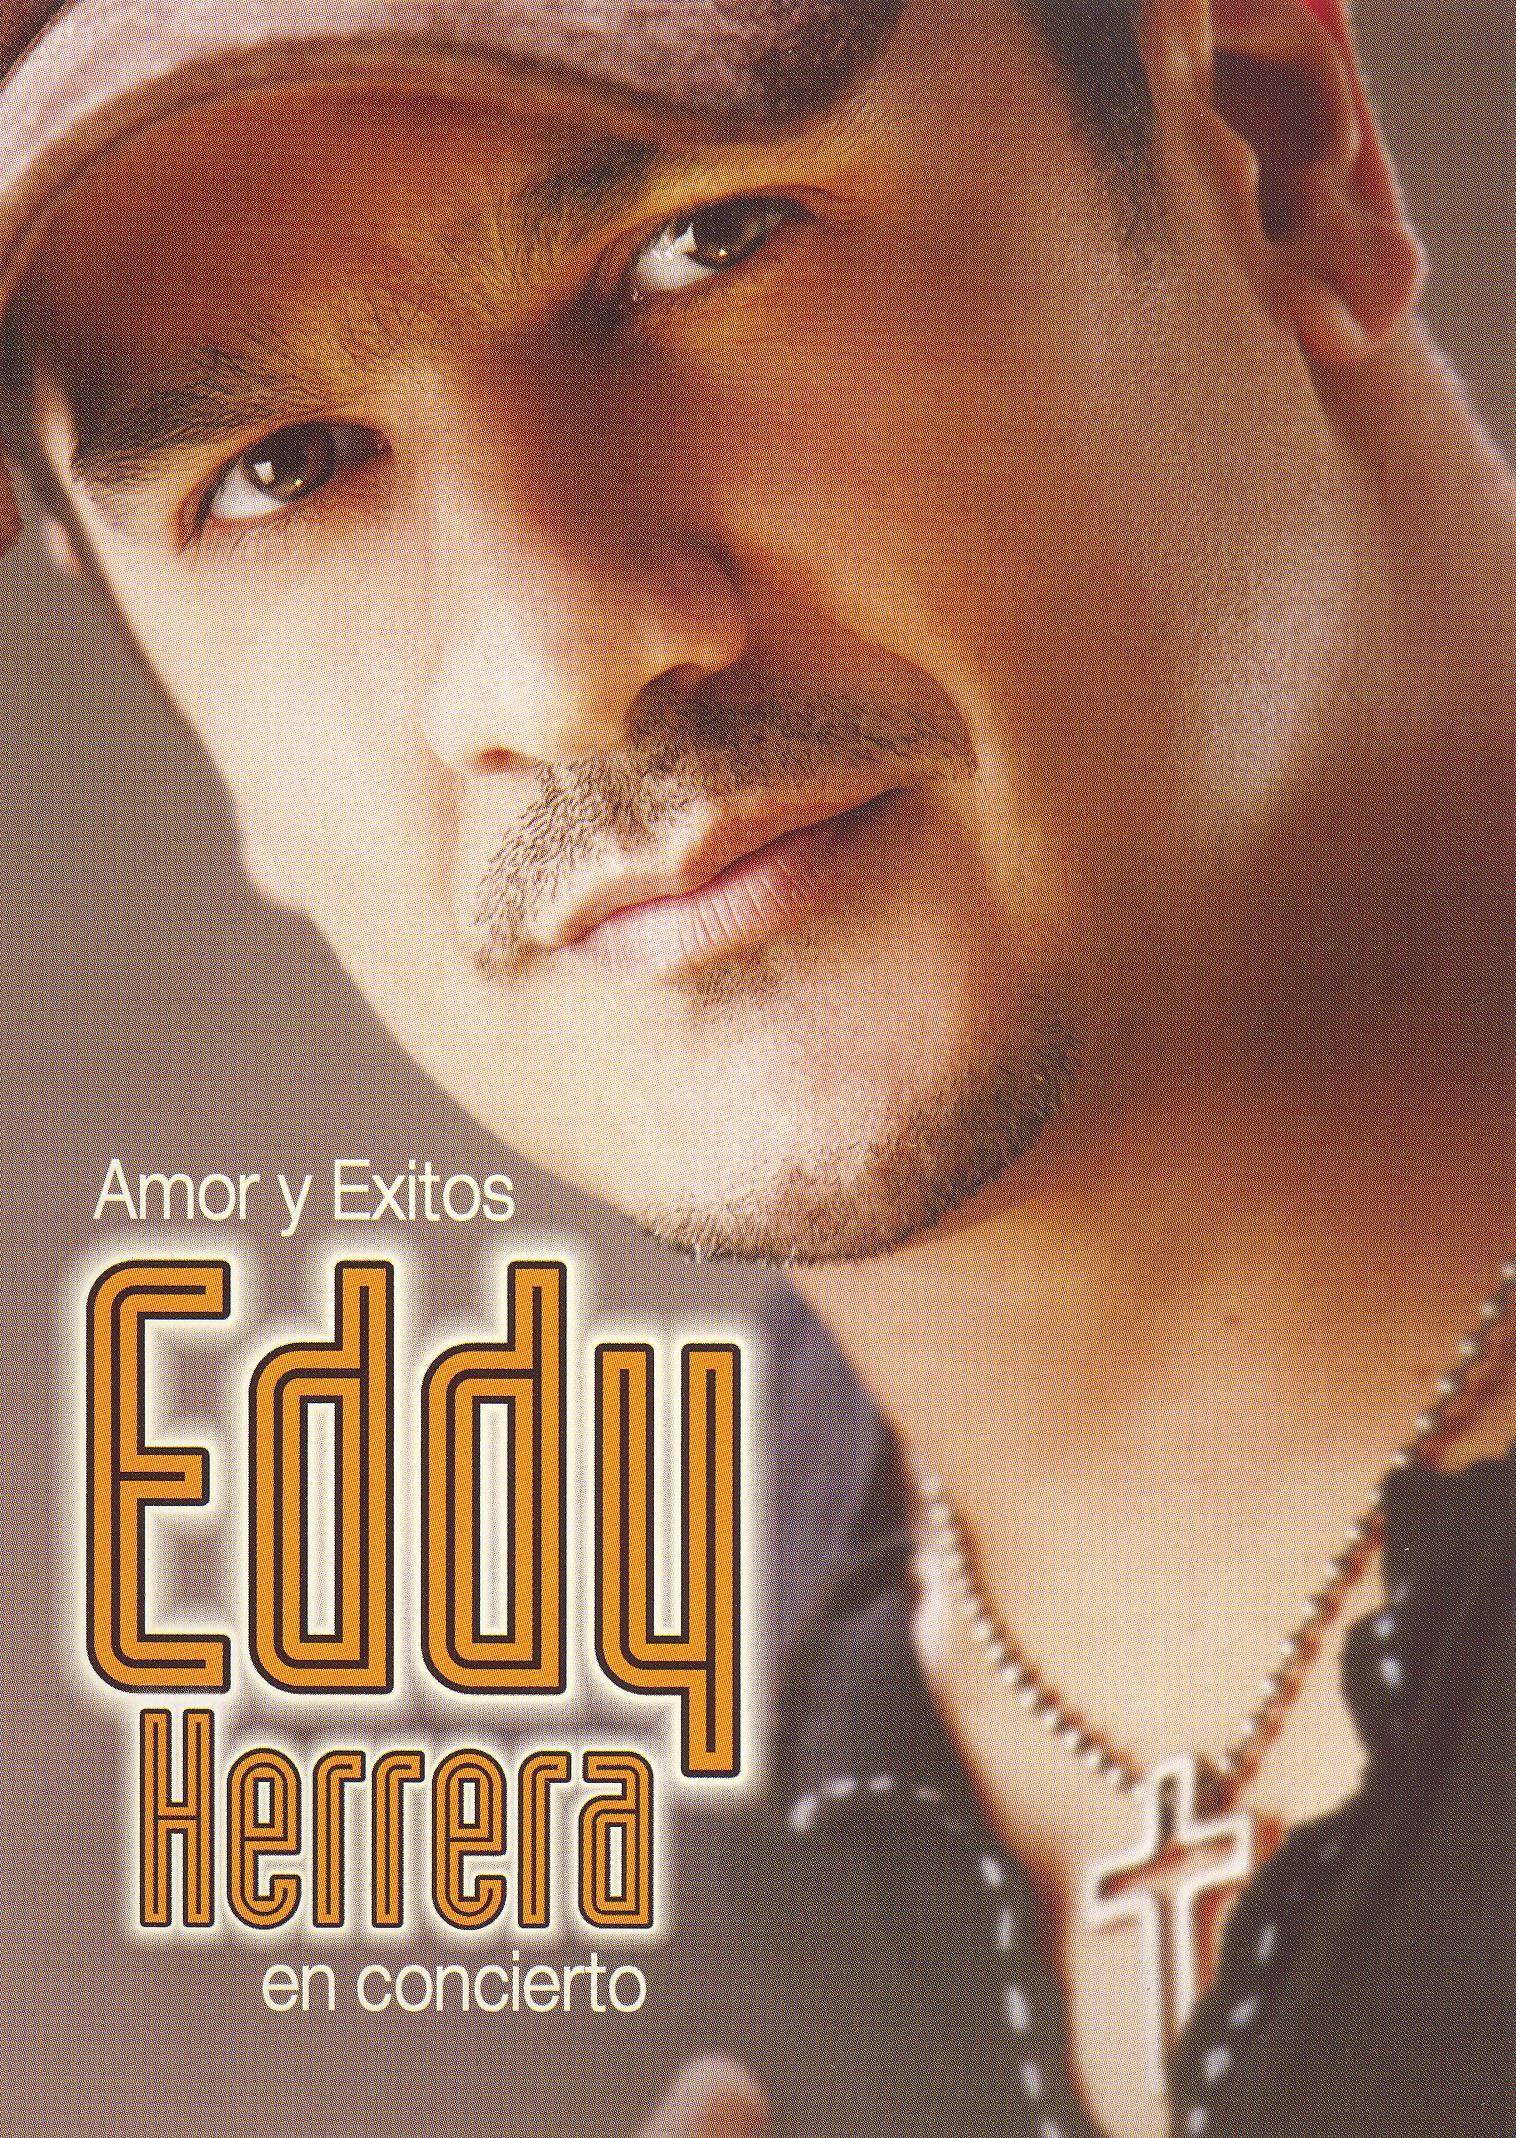 Eddy Herrera: Amor y Exitos - Eddy Herrera en Concierto